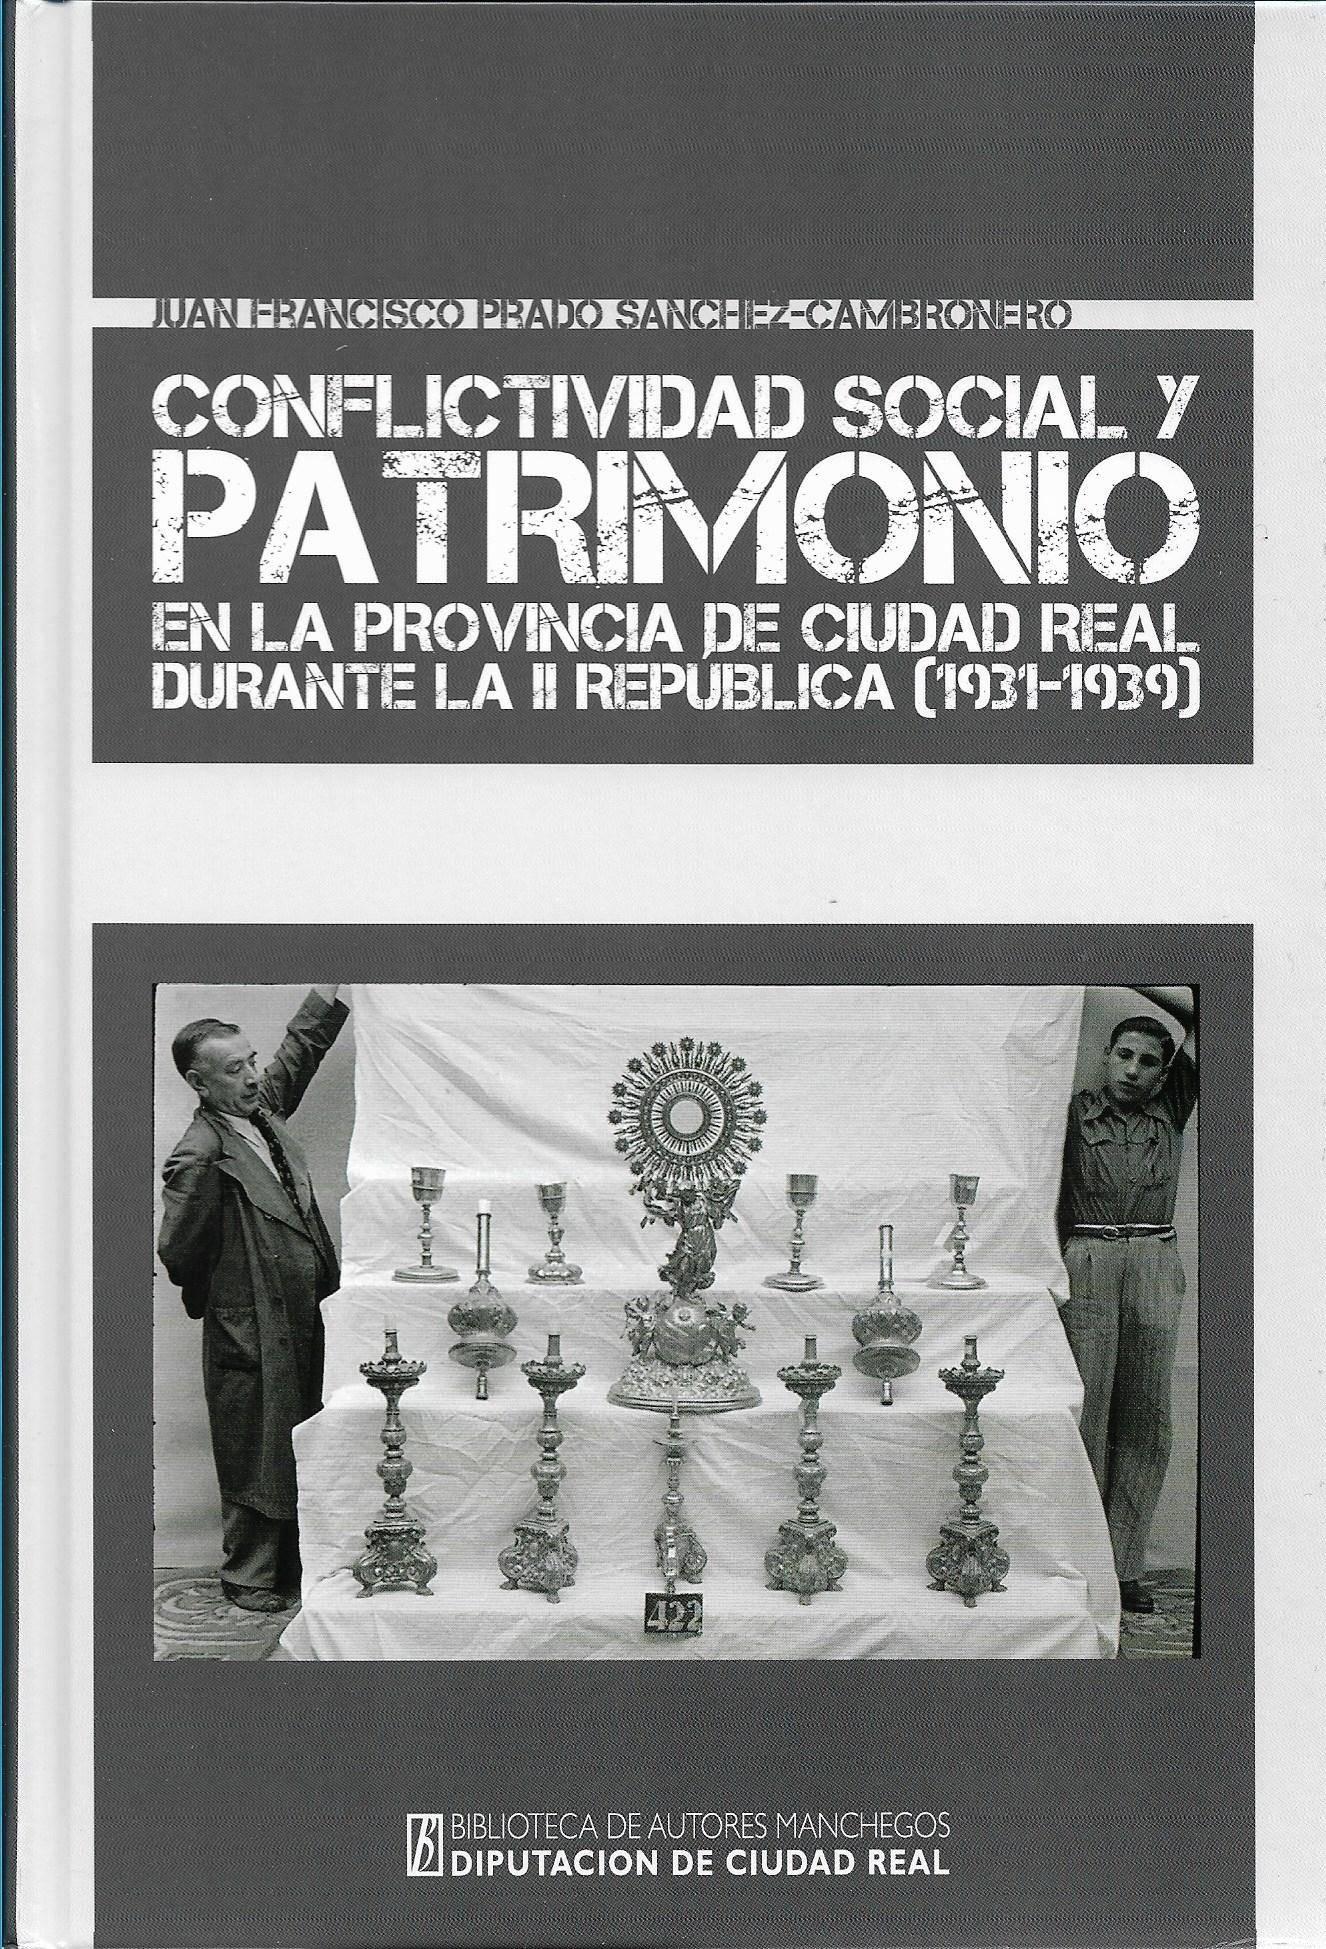 Conflictividad Social y Patrimonio en la provincia de Ciudad Real durante la II República 1931 1939 Juan Francisco Prado - Juan Francisco Prado presenta su libro Conflictividad Social y Patrimonio